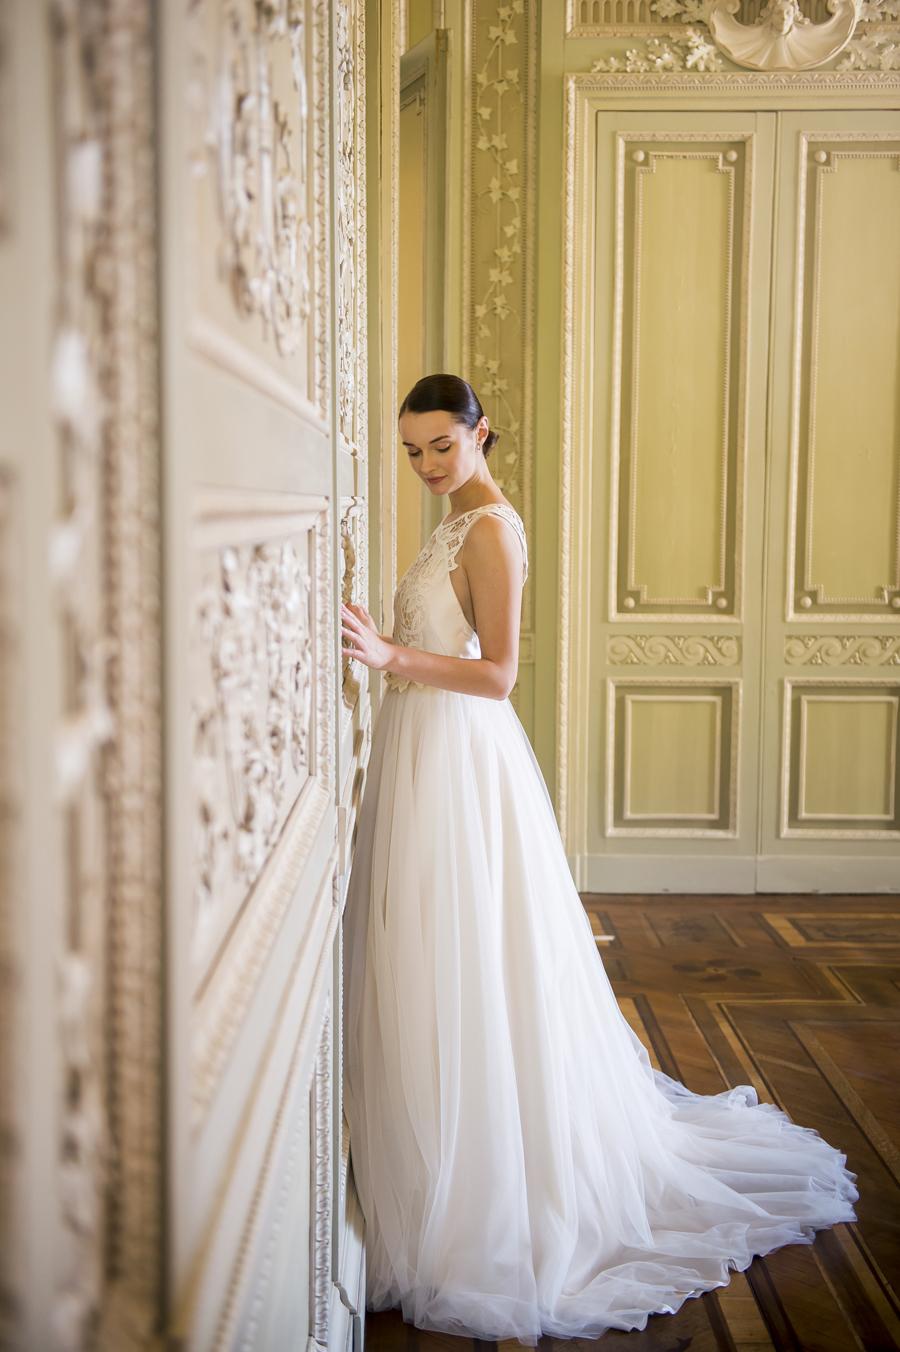 sposa con abito da sposa cipria couture hayez modello wendy, matrimonio alla reggia di monza